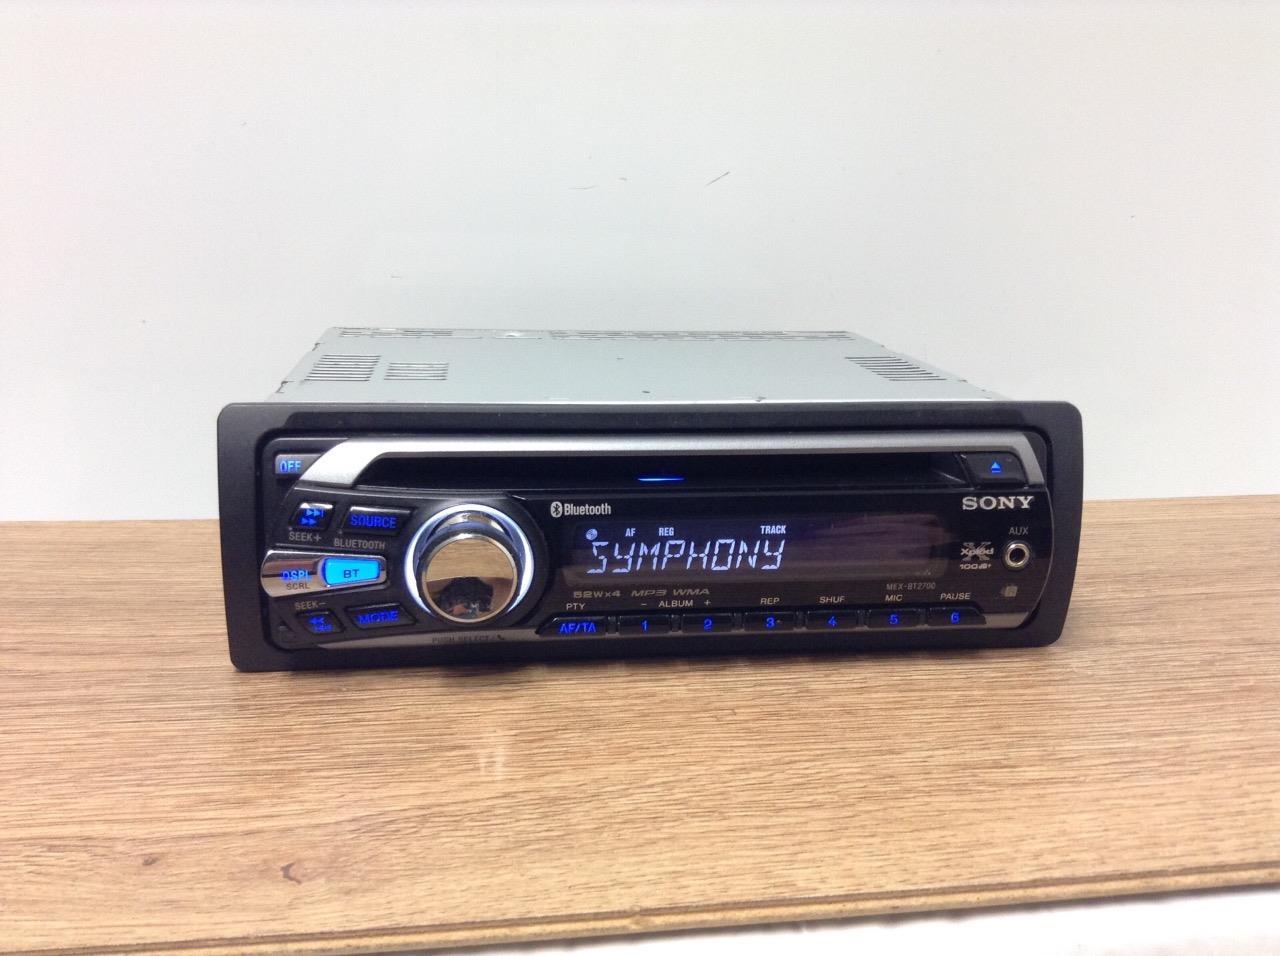 sony xplod radio wiring 7 pin trailer diagram mex bt2700 car cd mp3 aux in bluetooth player